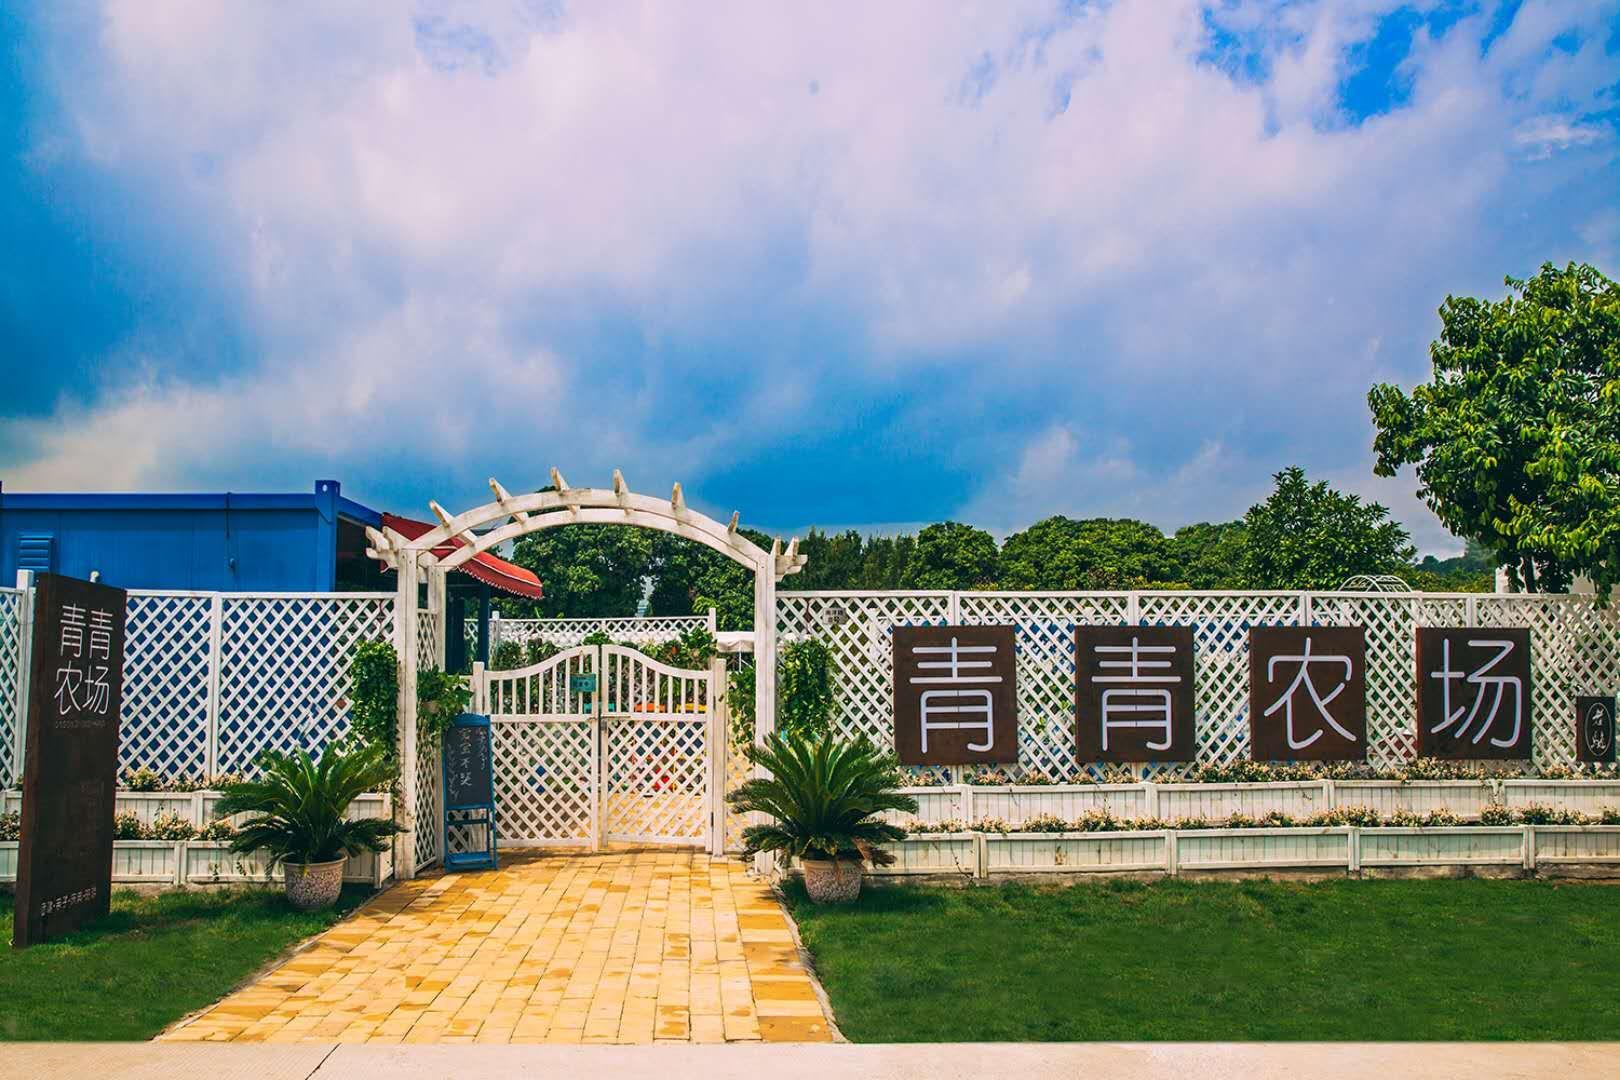 广州可以烧烤野炊篝火的地方 广州团建就来青青农场